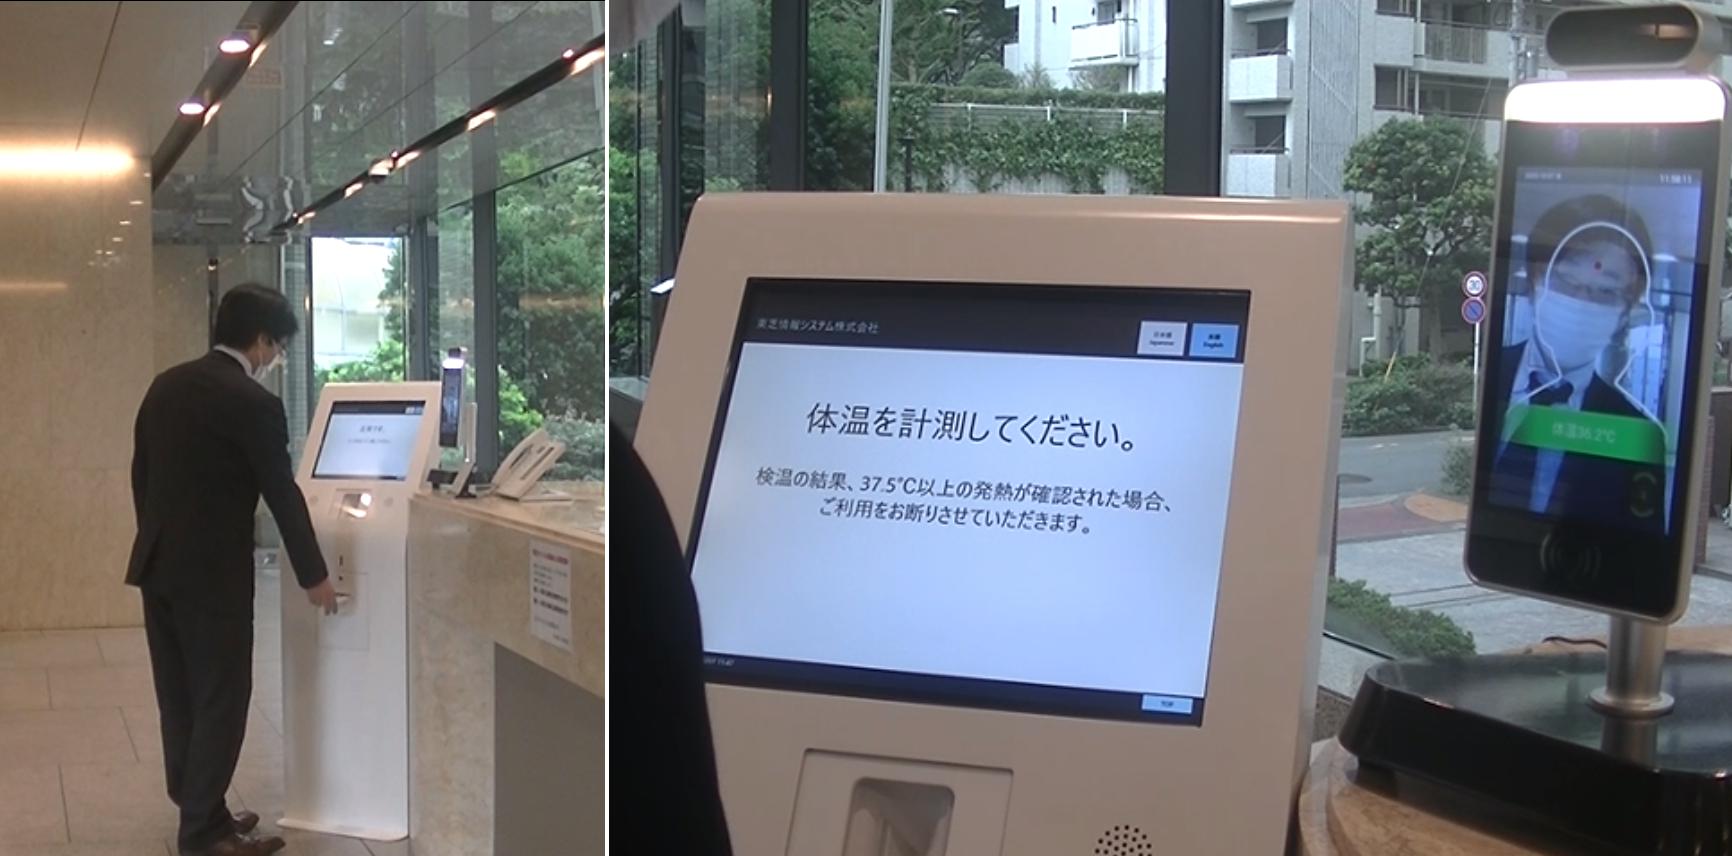 受付システムで訪問者の体温チェック